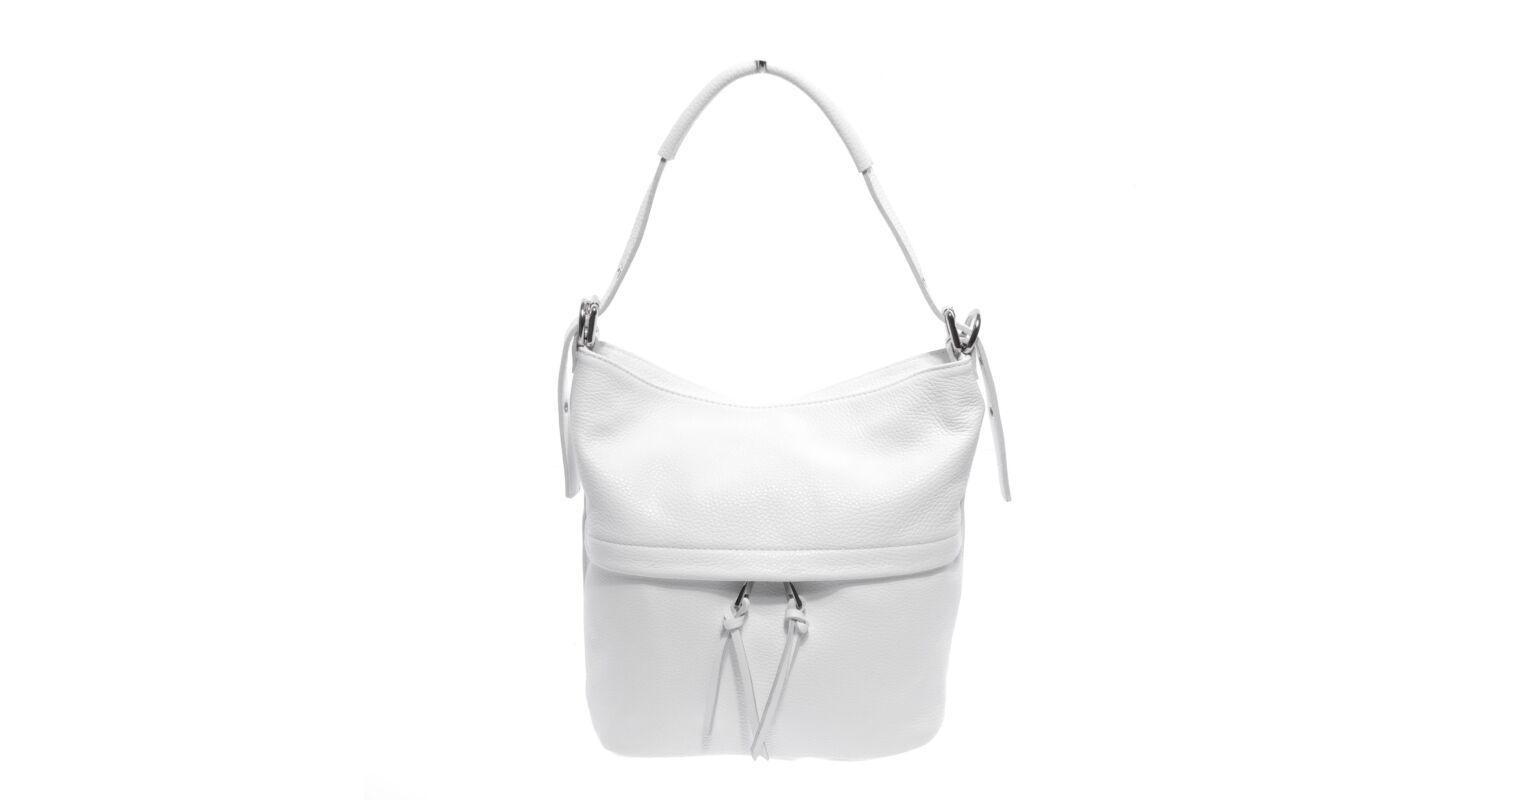 f9d466c664b2 Besty Fehér Női Valódi Bőr Válltáska - VALÓDI BŐRTÁSKÁK - Táska webáruház -  Minőségi táskák mindenkinek